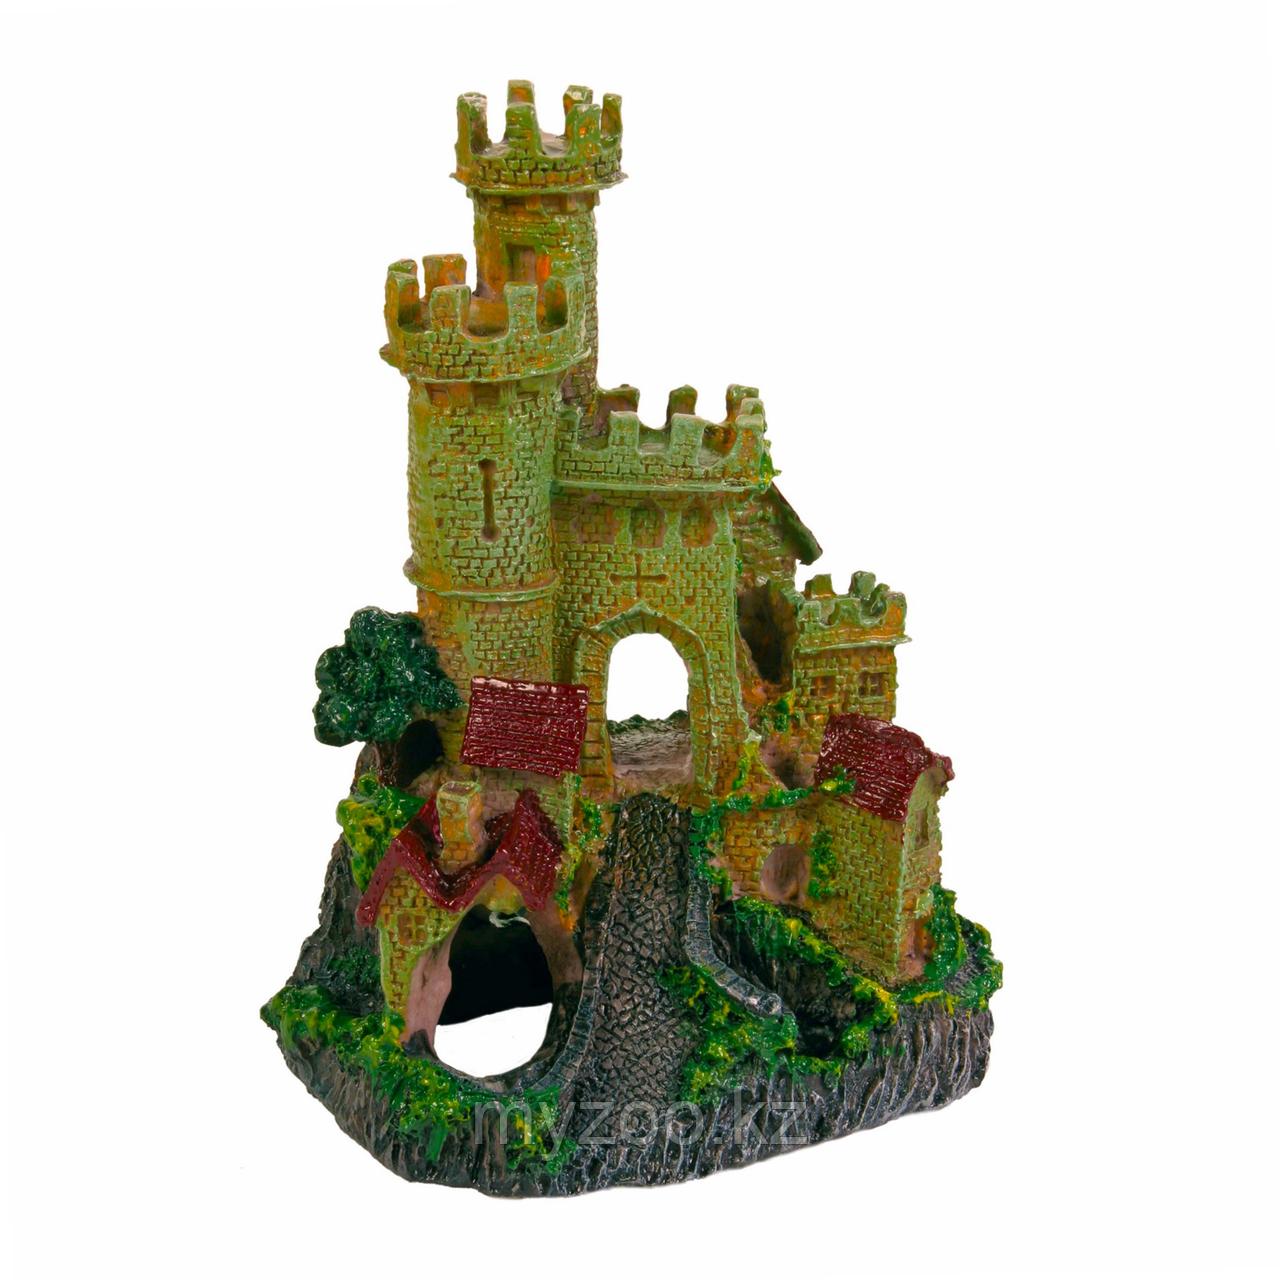 Декорация для аквариума. Замок. Полиэфирная смола,Высота 17сm.